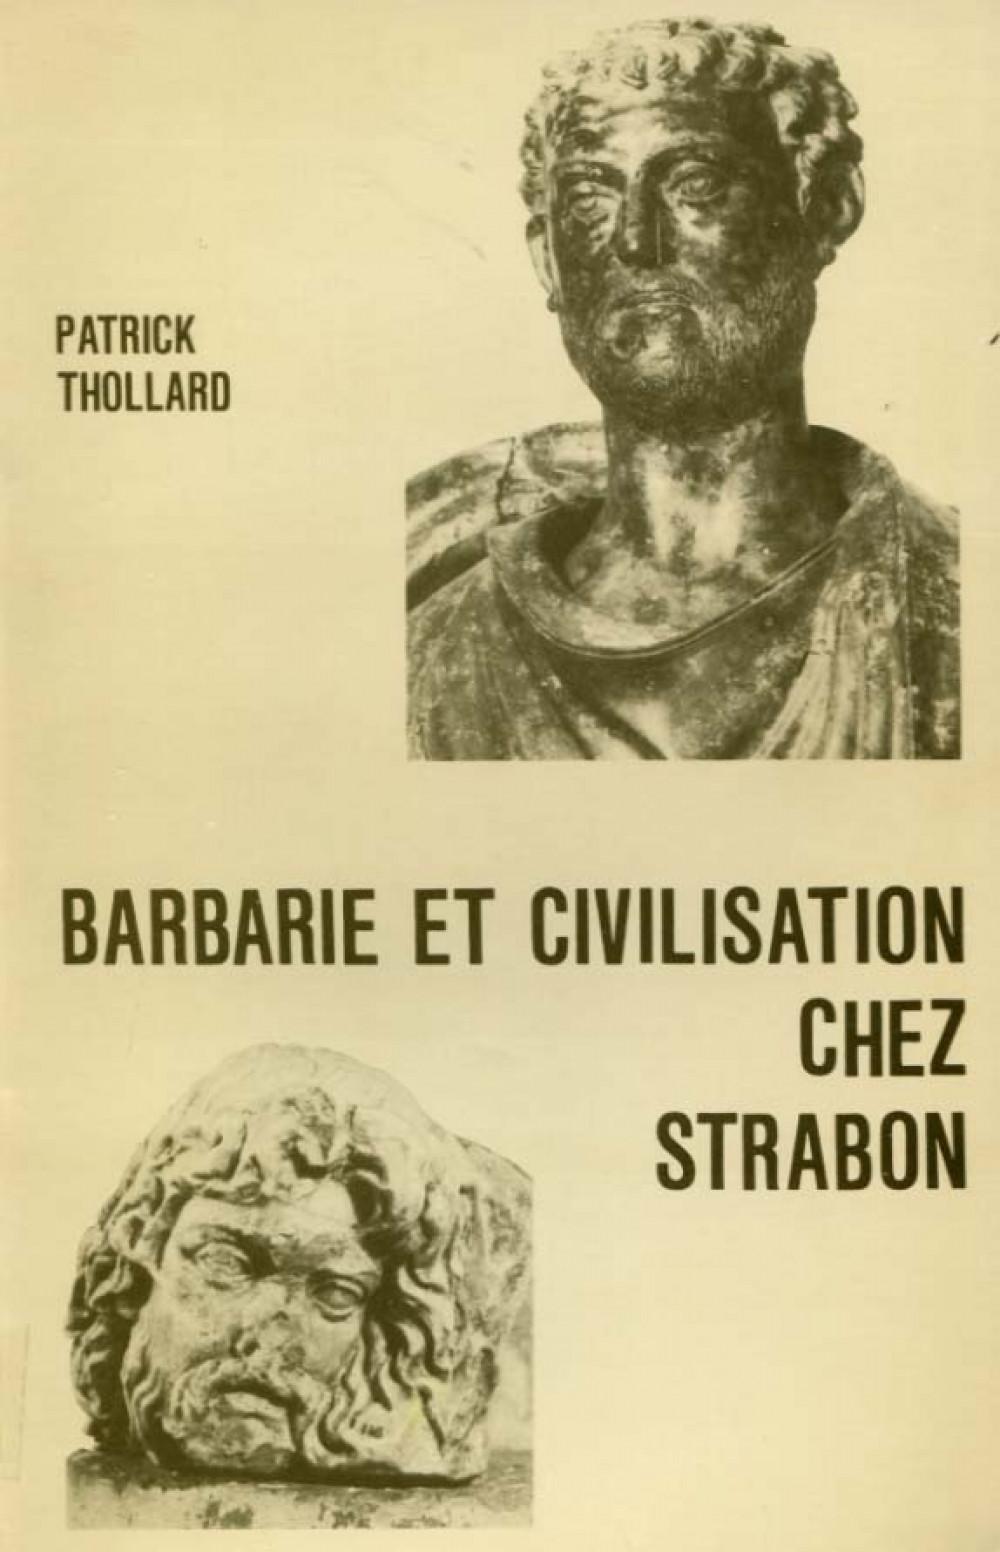 Barbarie et civilisation chez Strabon